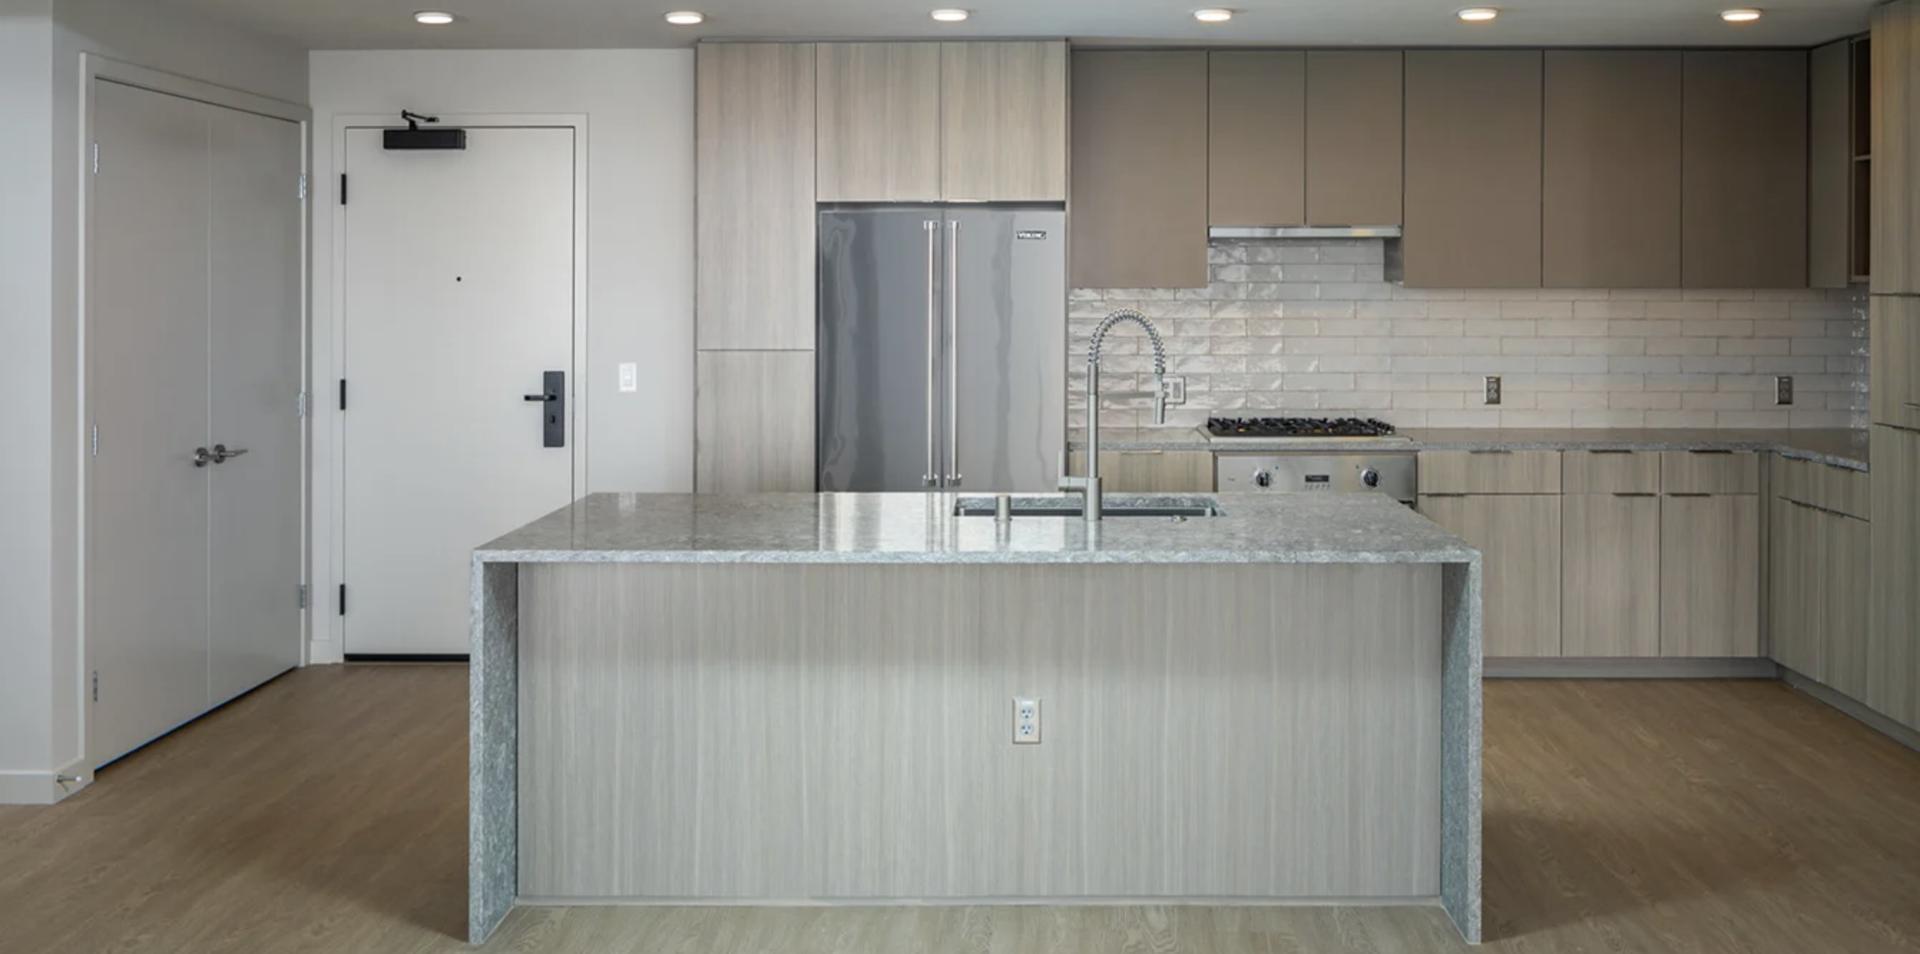 601 11th Avenue #1305, San Diego, CA - $5,840 USD/ month